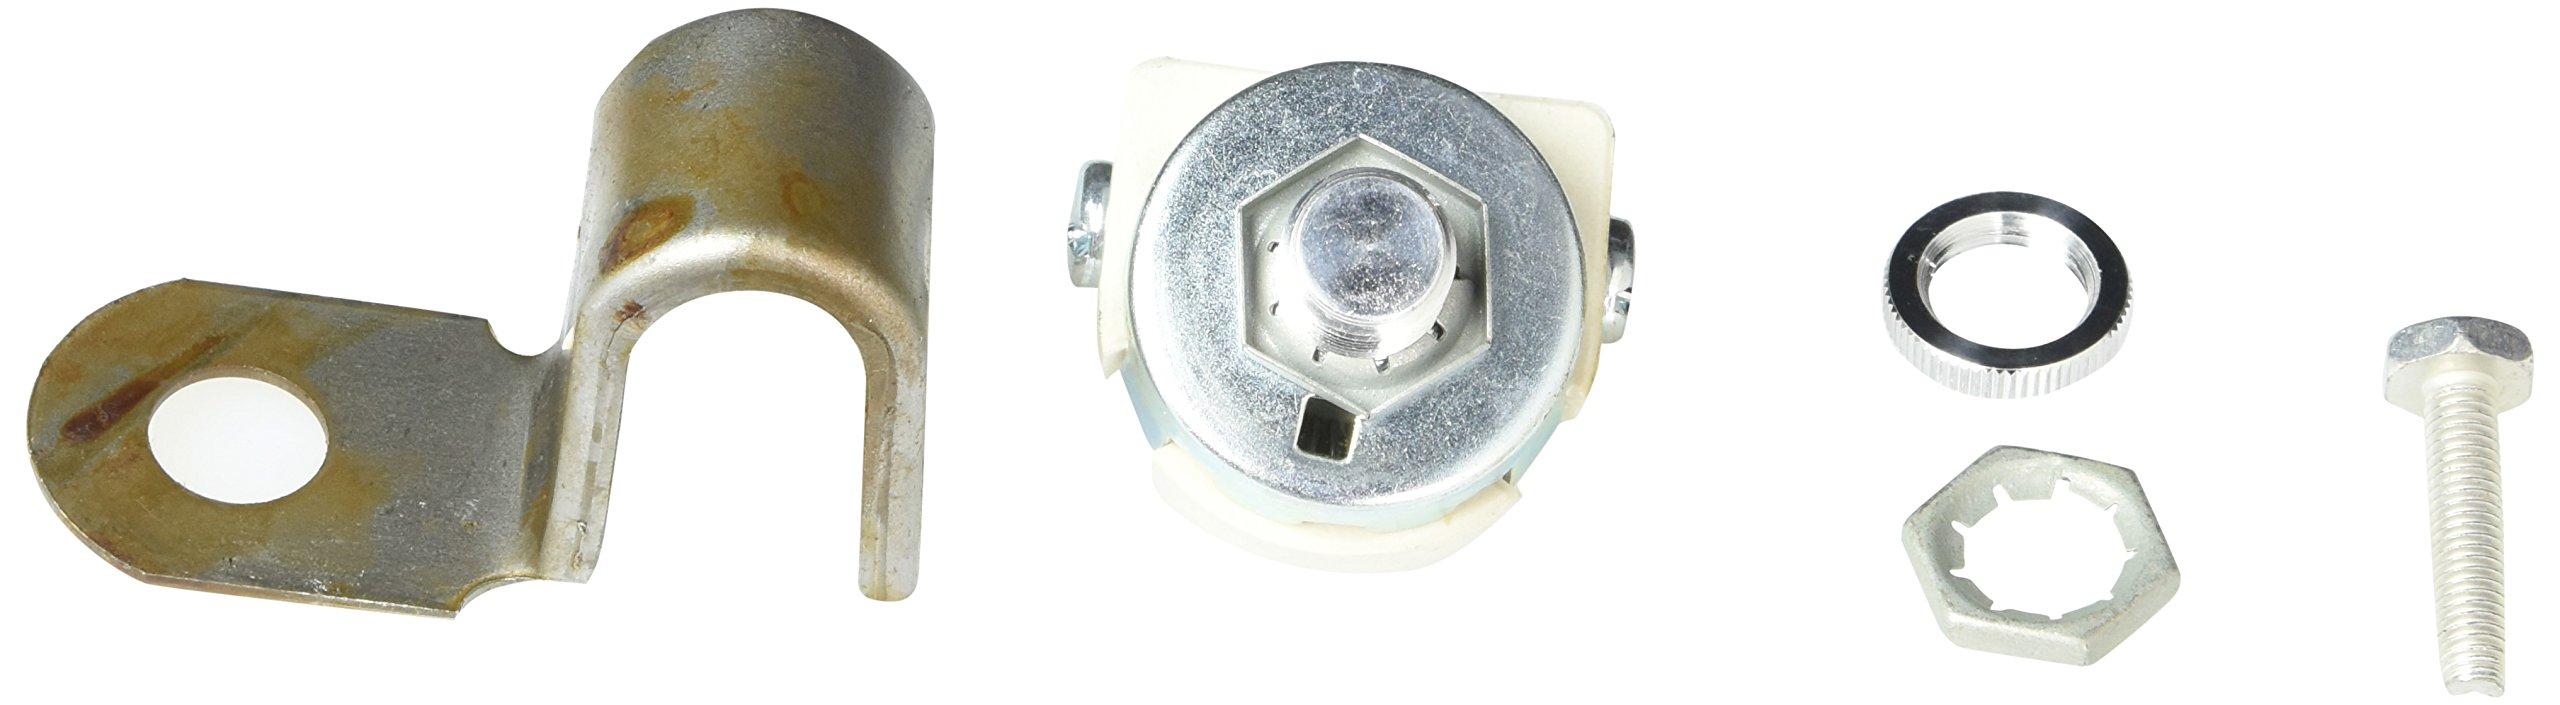 Standard Motor Products RU100 Blower Motor Resistor